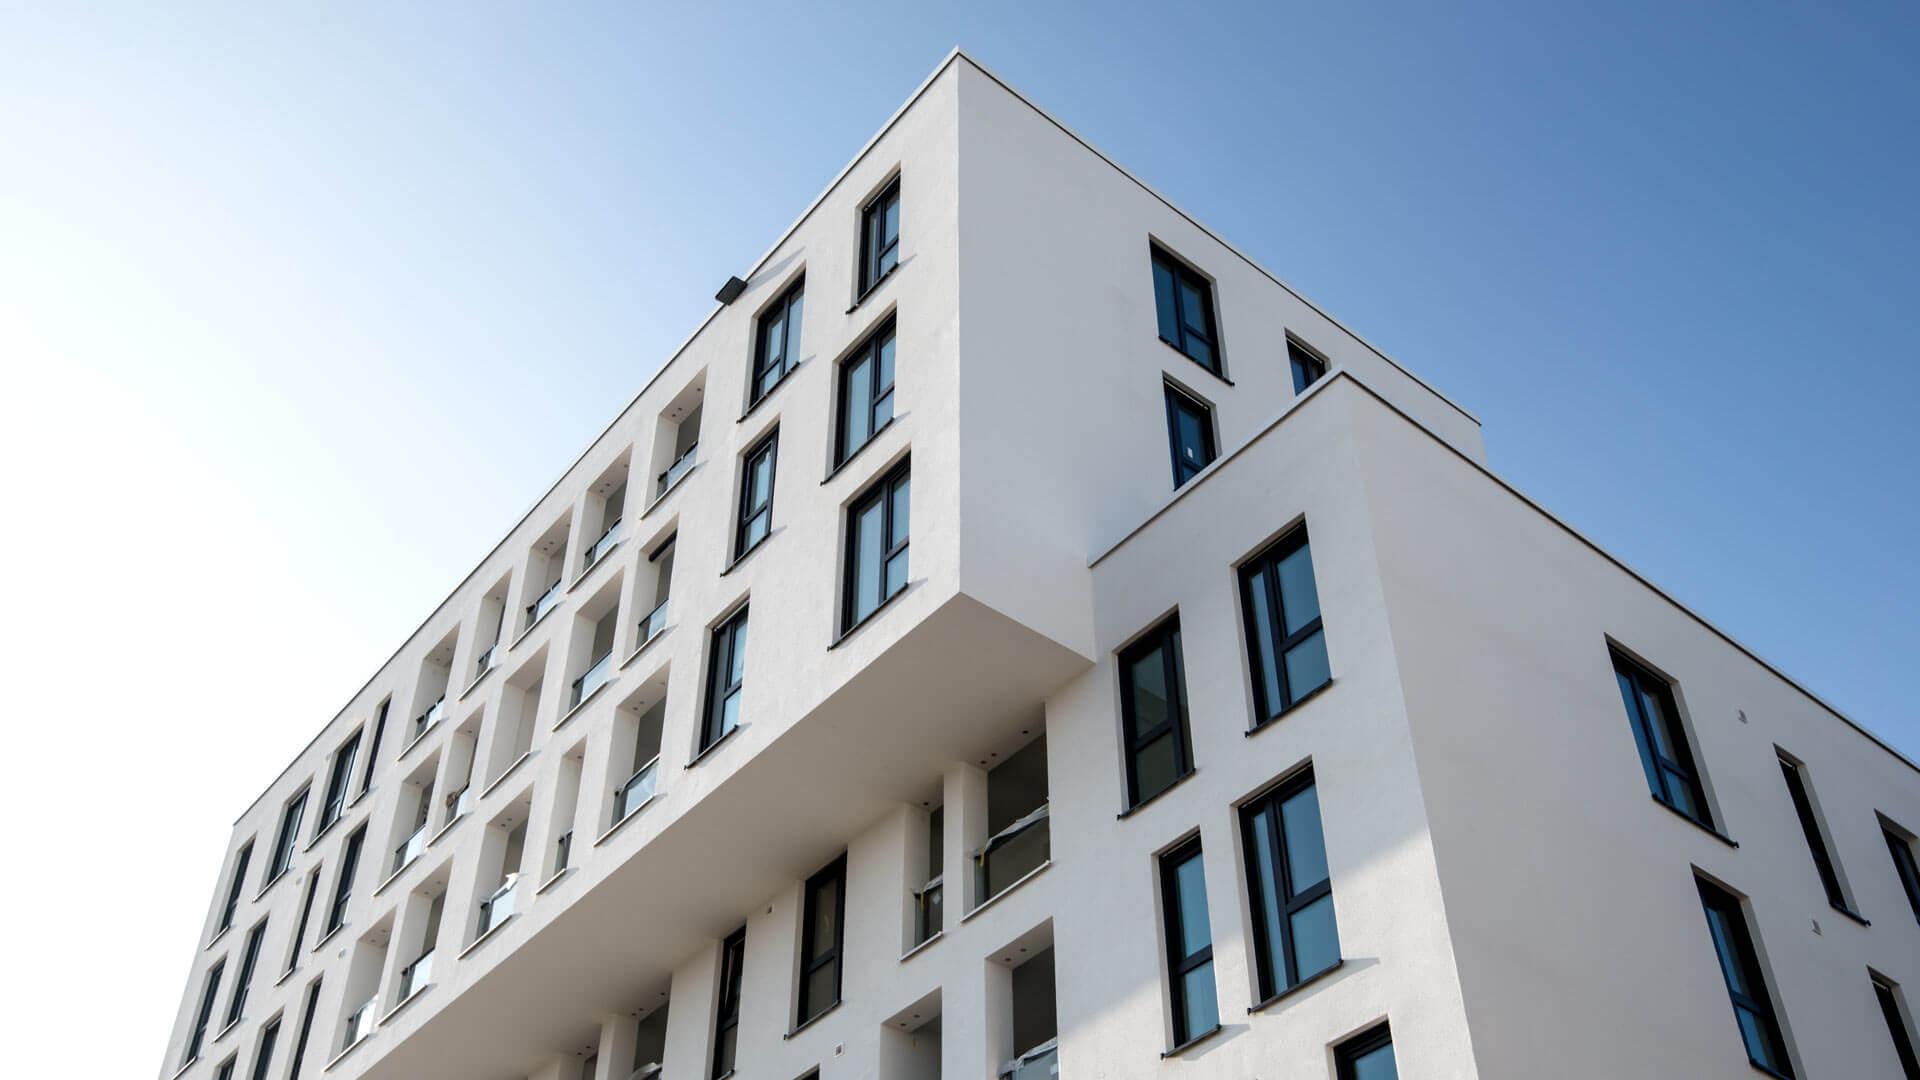 Schäfer & Wunsch Immobilien Architektur Fotografie